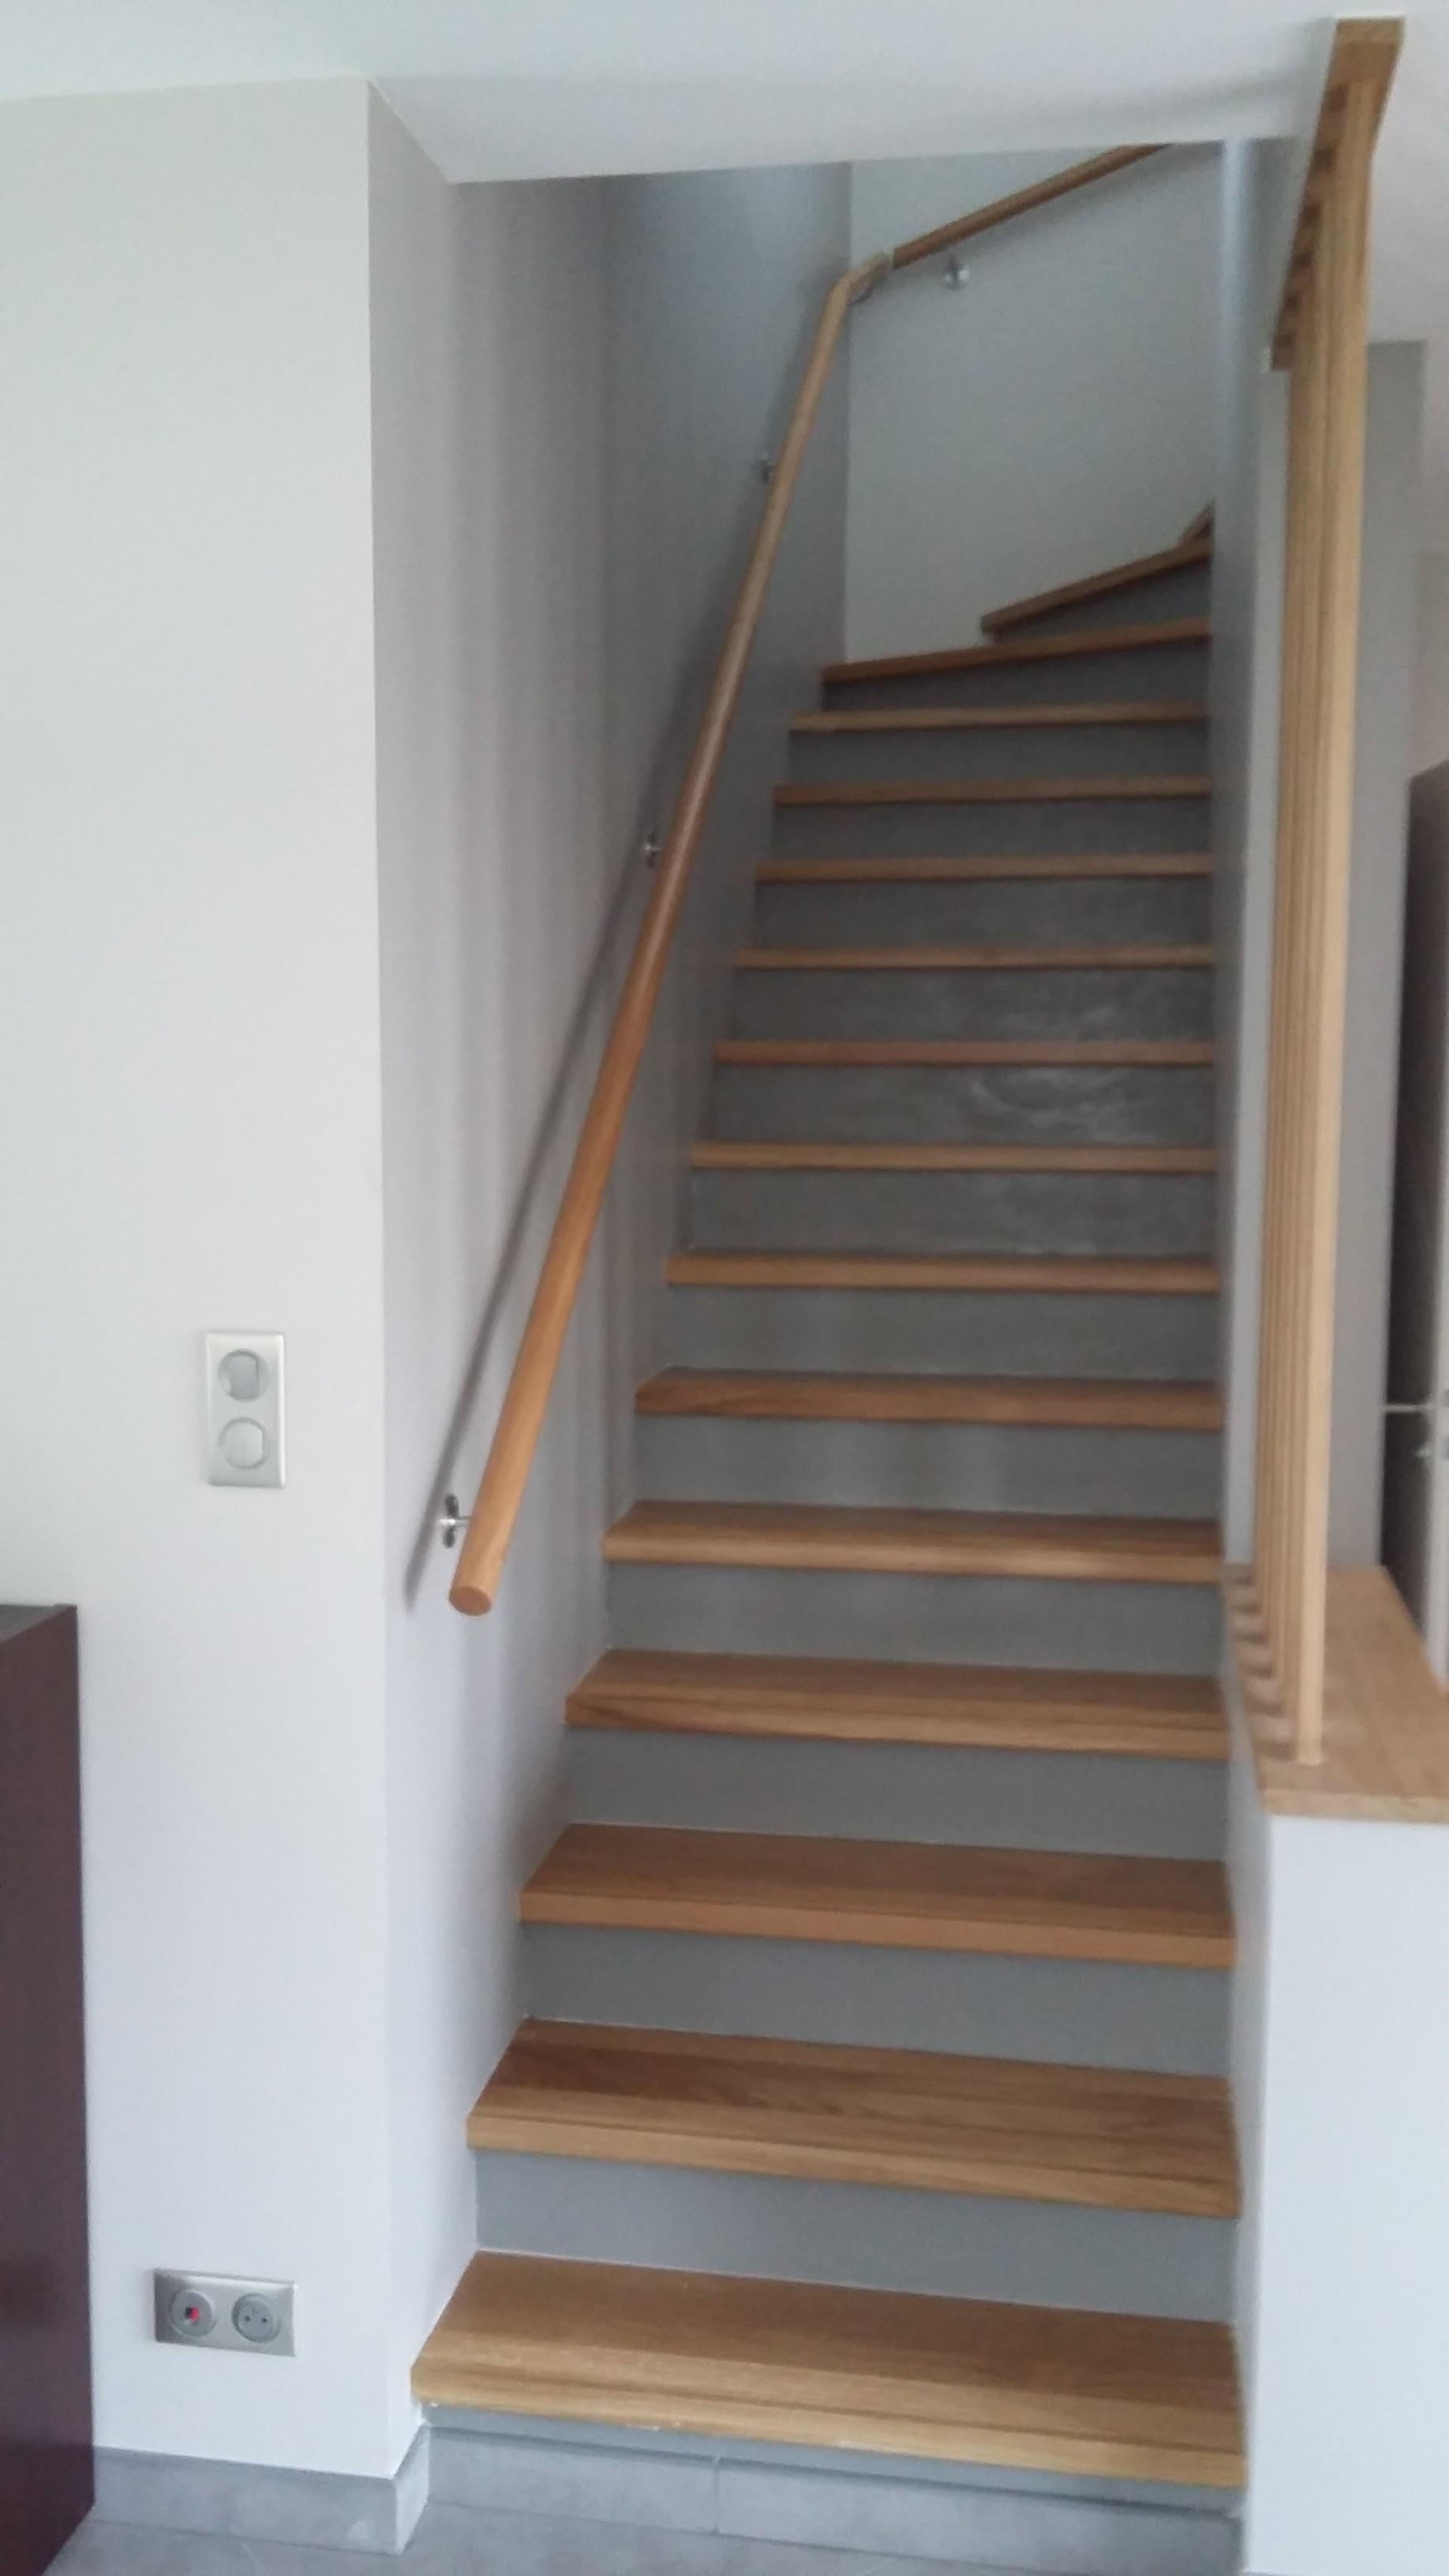 Escalier béton avec habillage des marches